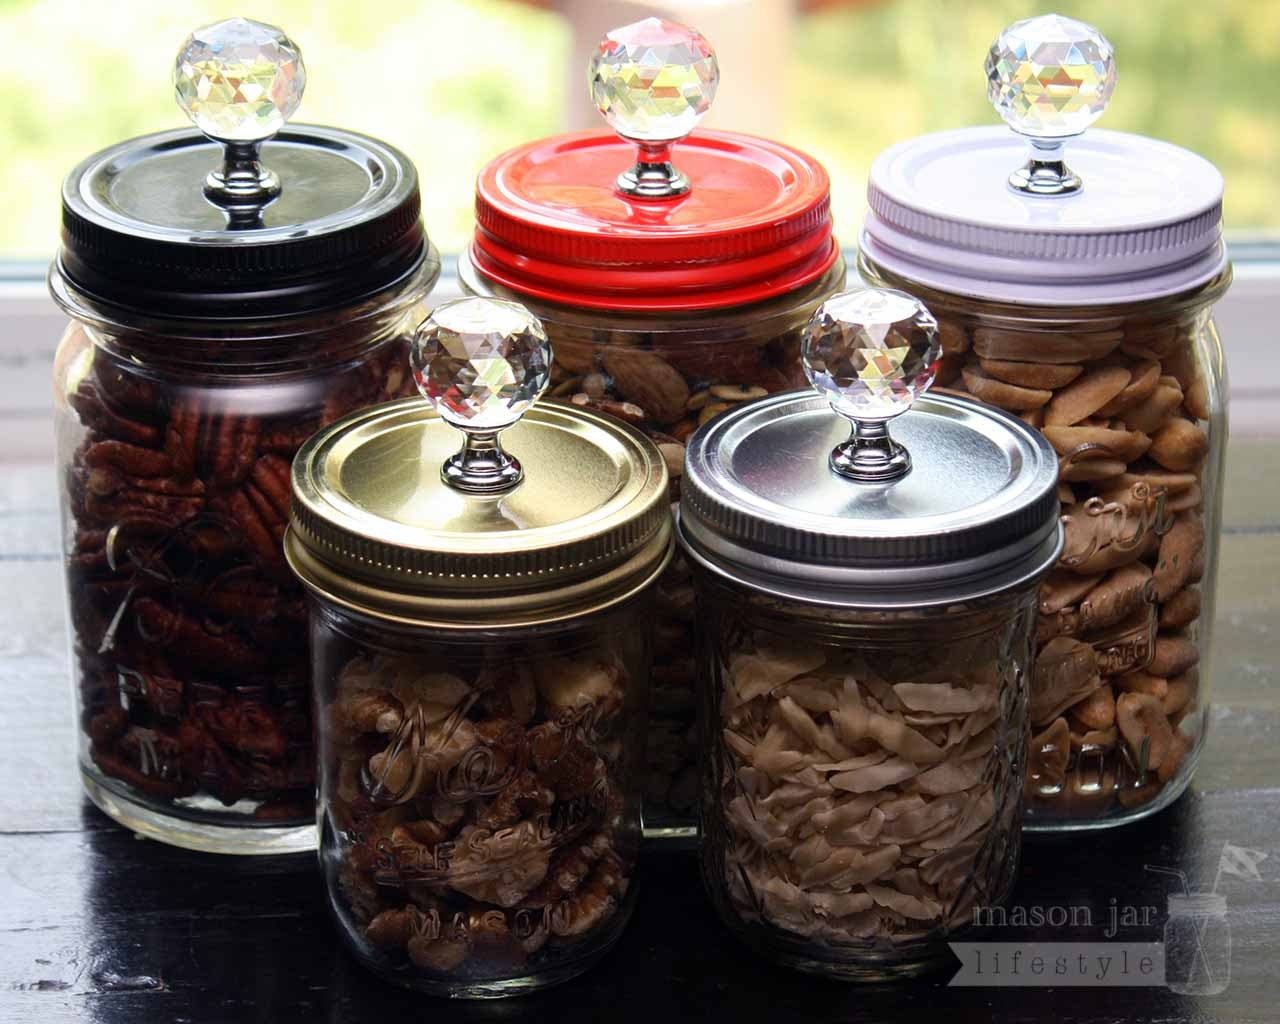 mason jar canister lids 4 pack crystal knob lids for regular. Black Bedroom Furniture Sets. Home Design Ideas